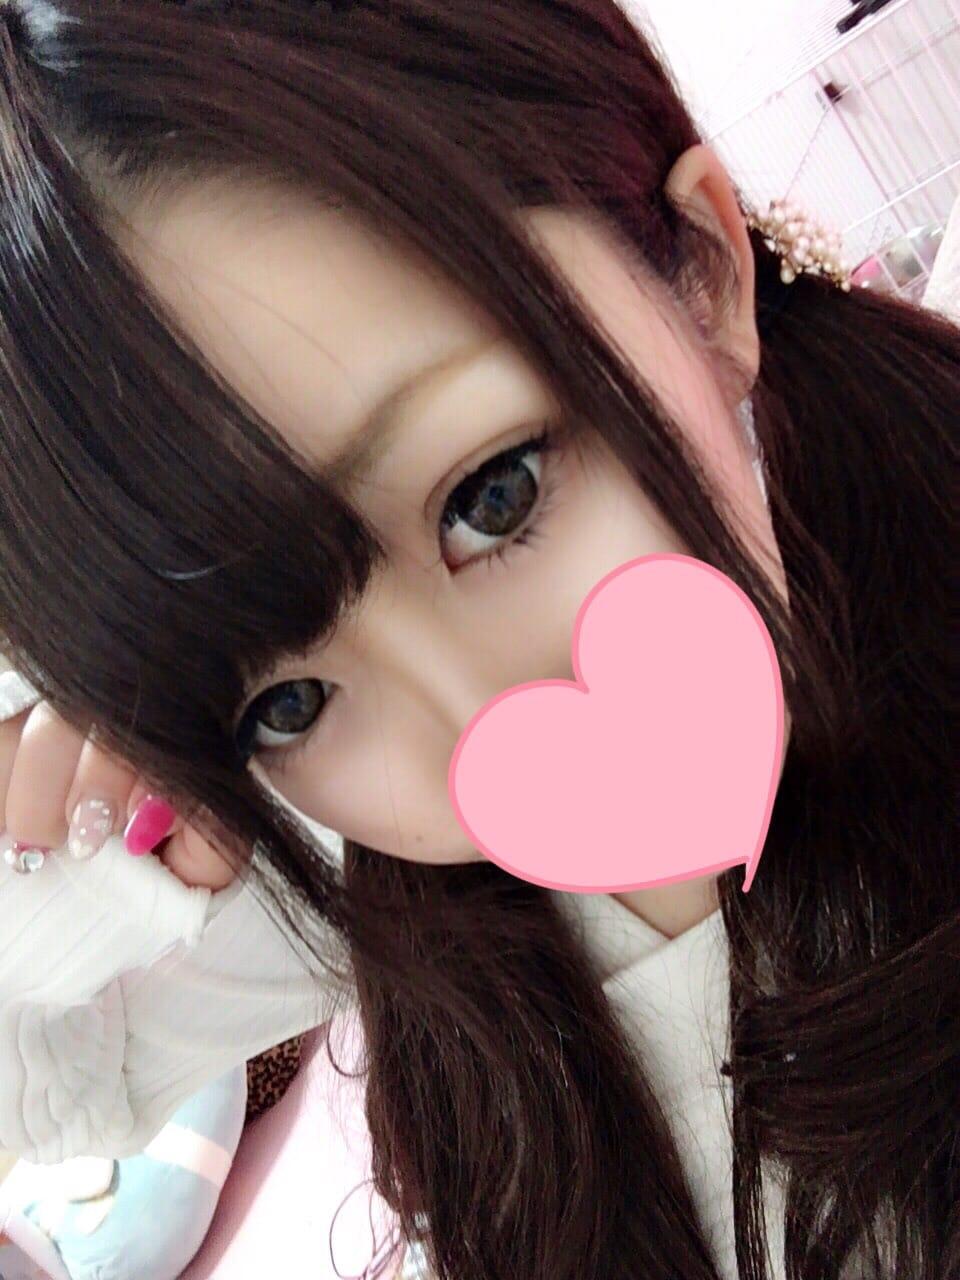 「ありがとう♡」03/19(03/19) 23:13   ふわりの写メ・風俗動画